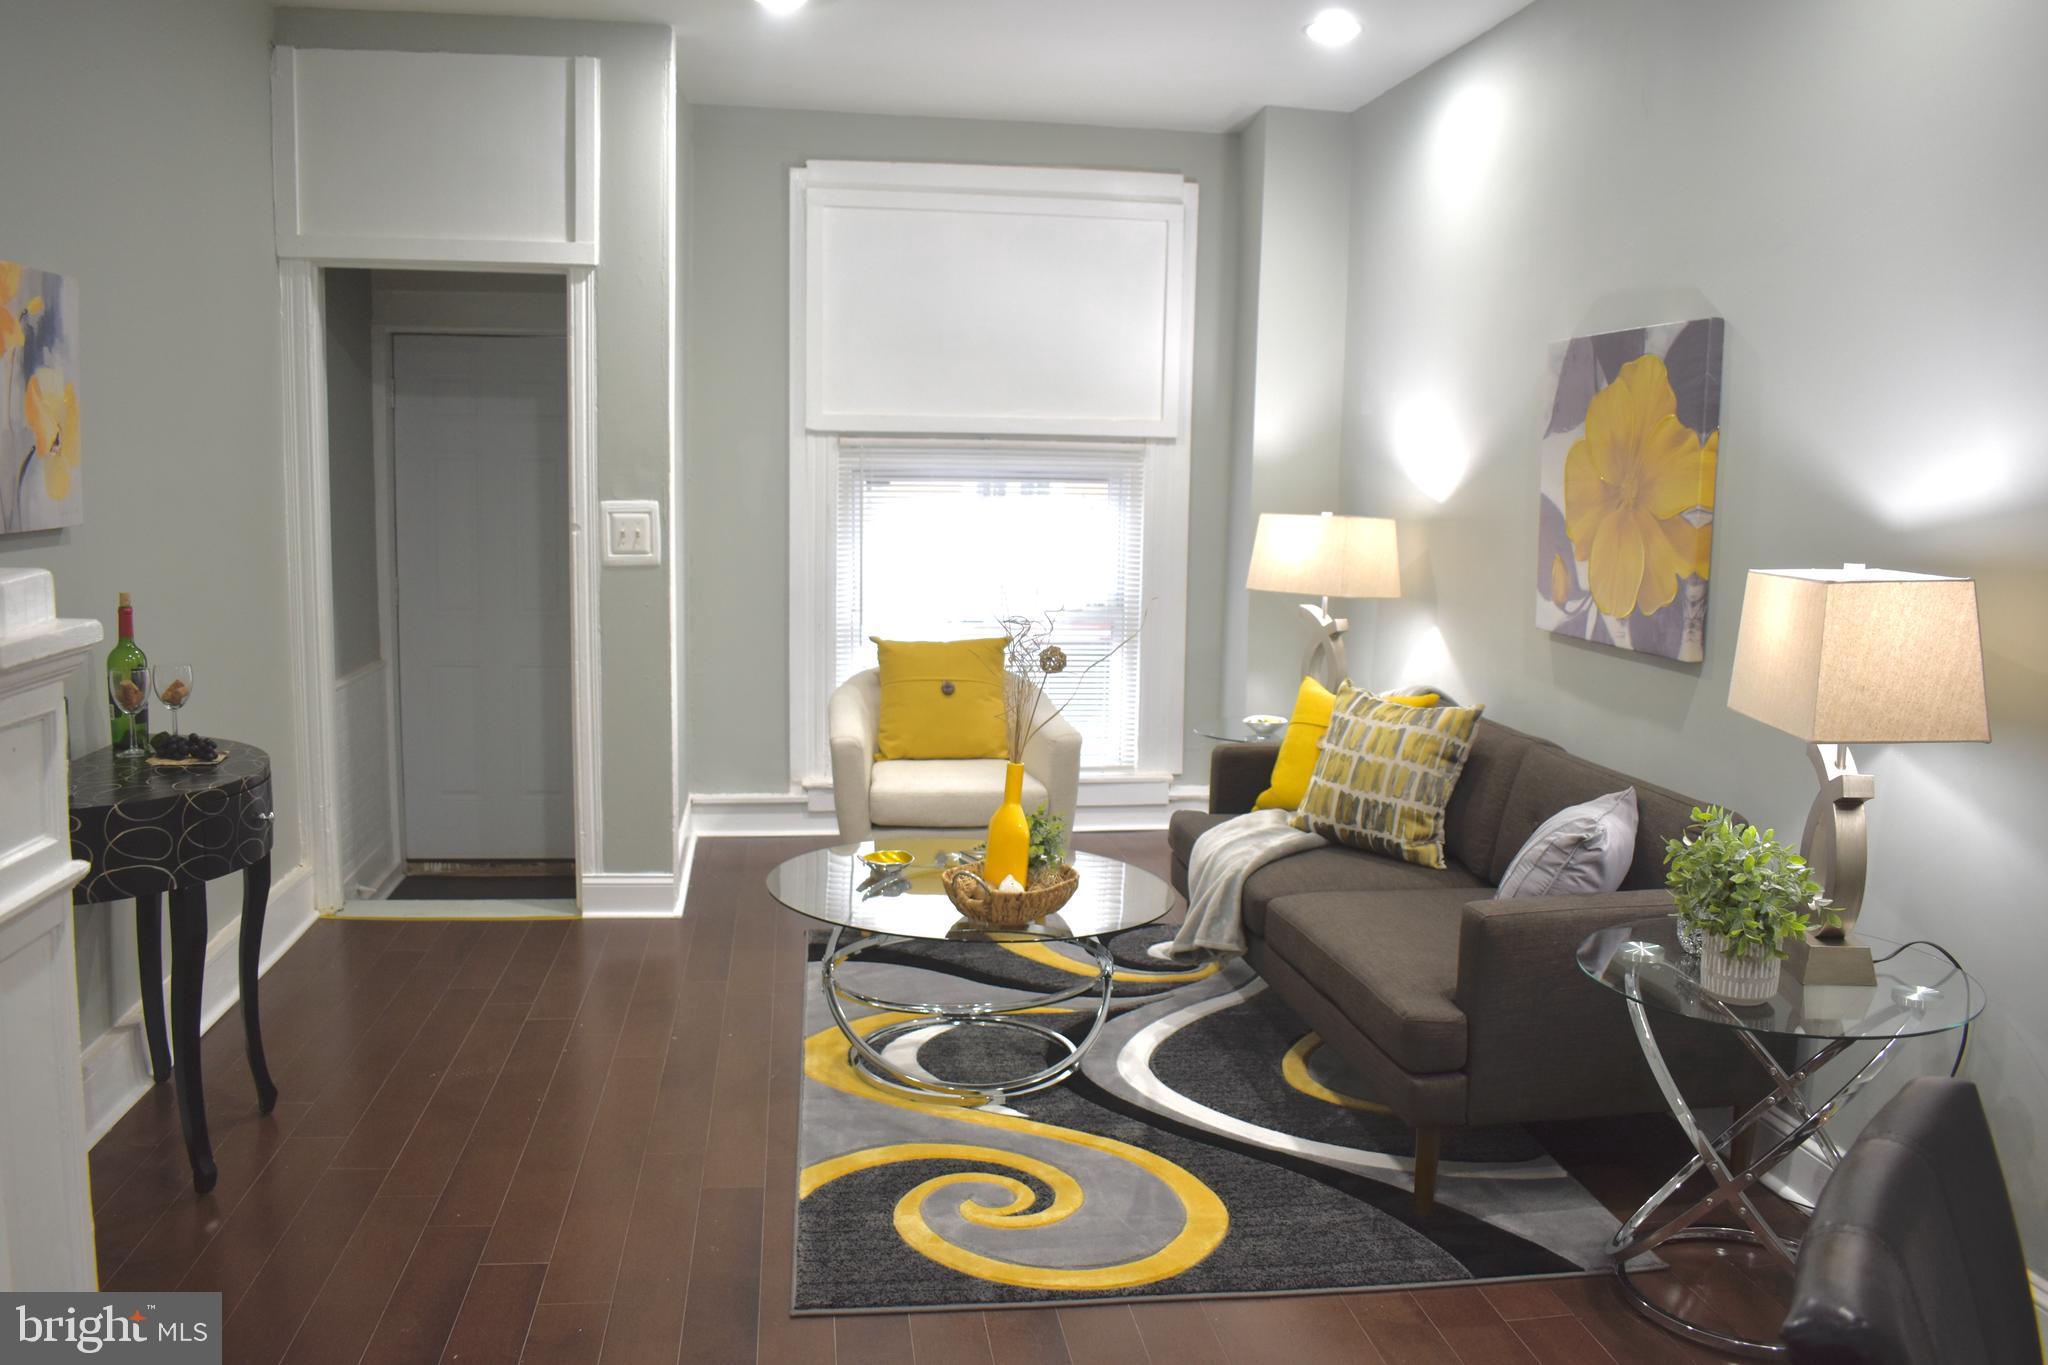 402 N CURLEY STREET, BALTIMORE, Maryland 21224, 3 Bedrooms Bedrooms, ,2 BathroomsBathrooms,Townhouse,For Sale,402 N CURLEY STREET,MDBA538810